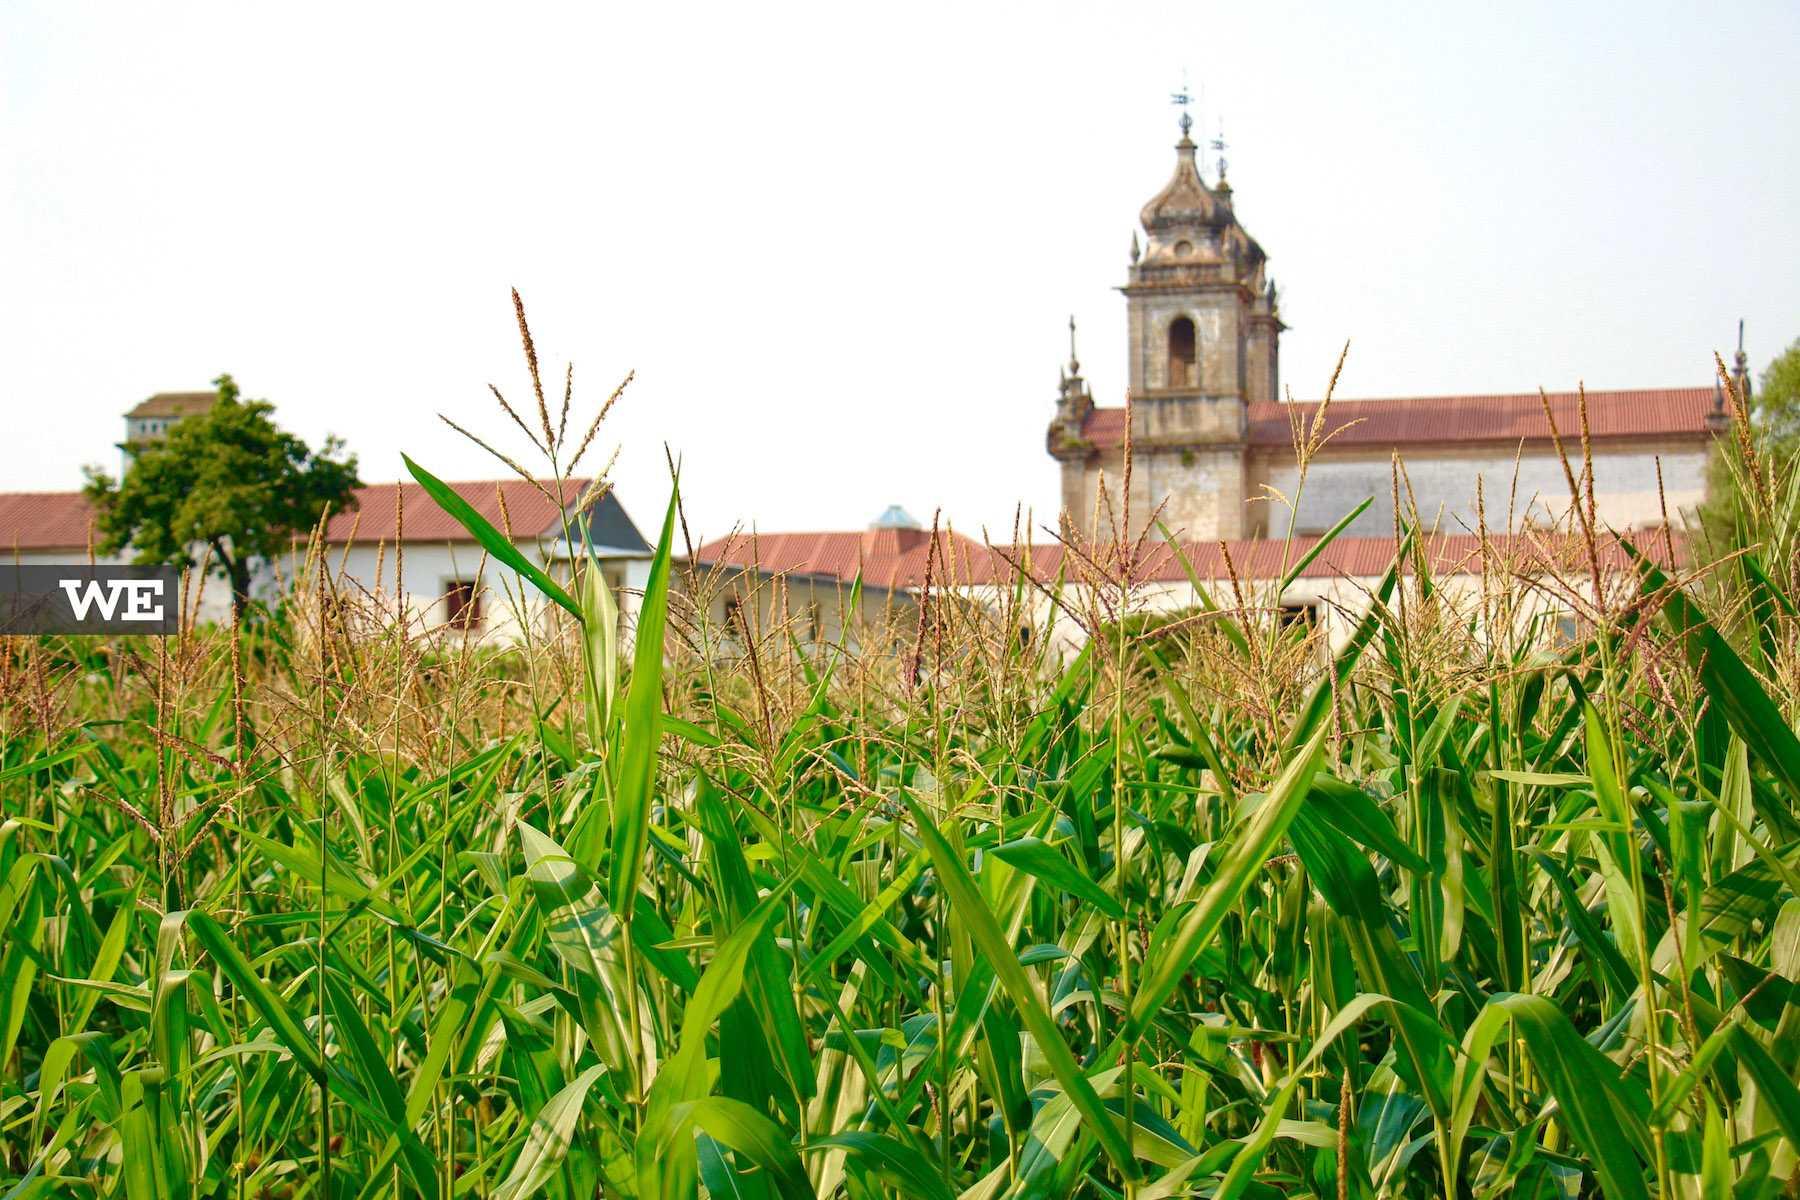 Mosteiro de Tibaes - Braga - Jardim